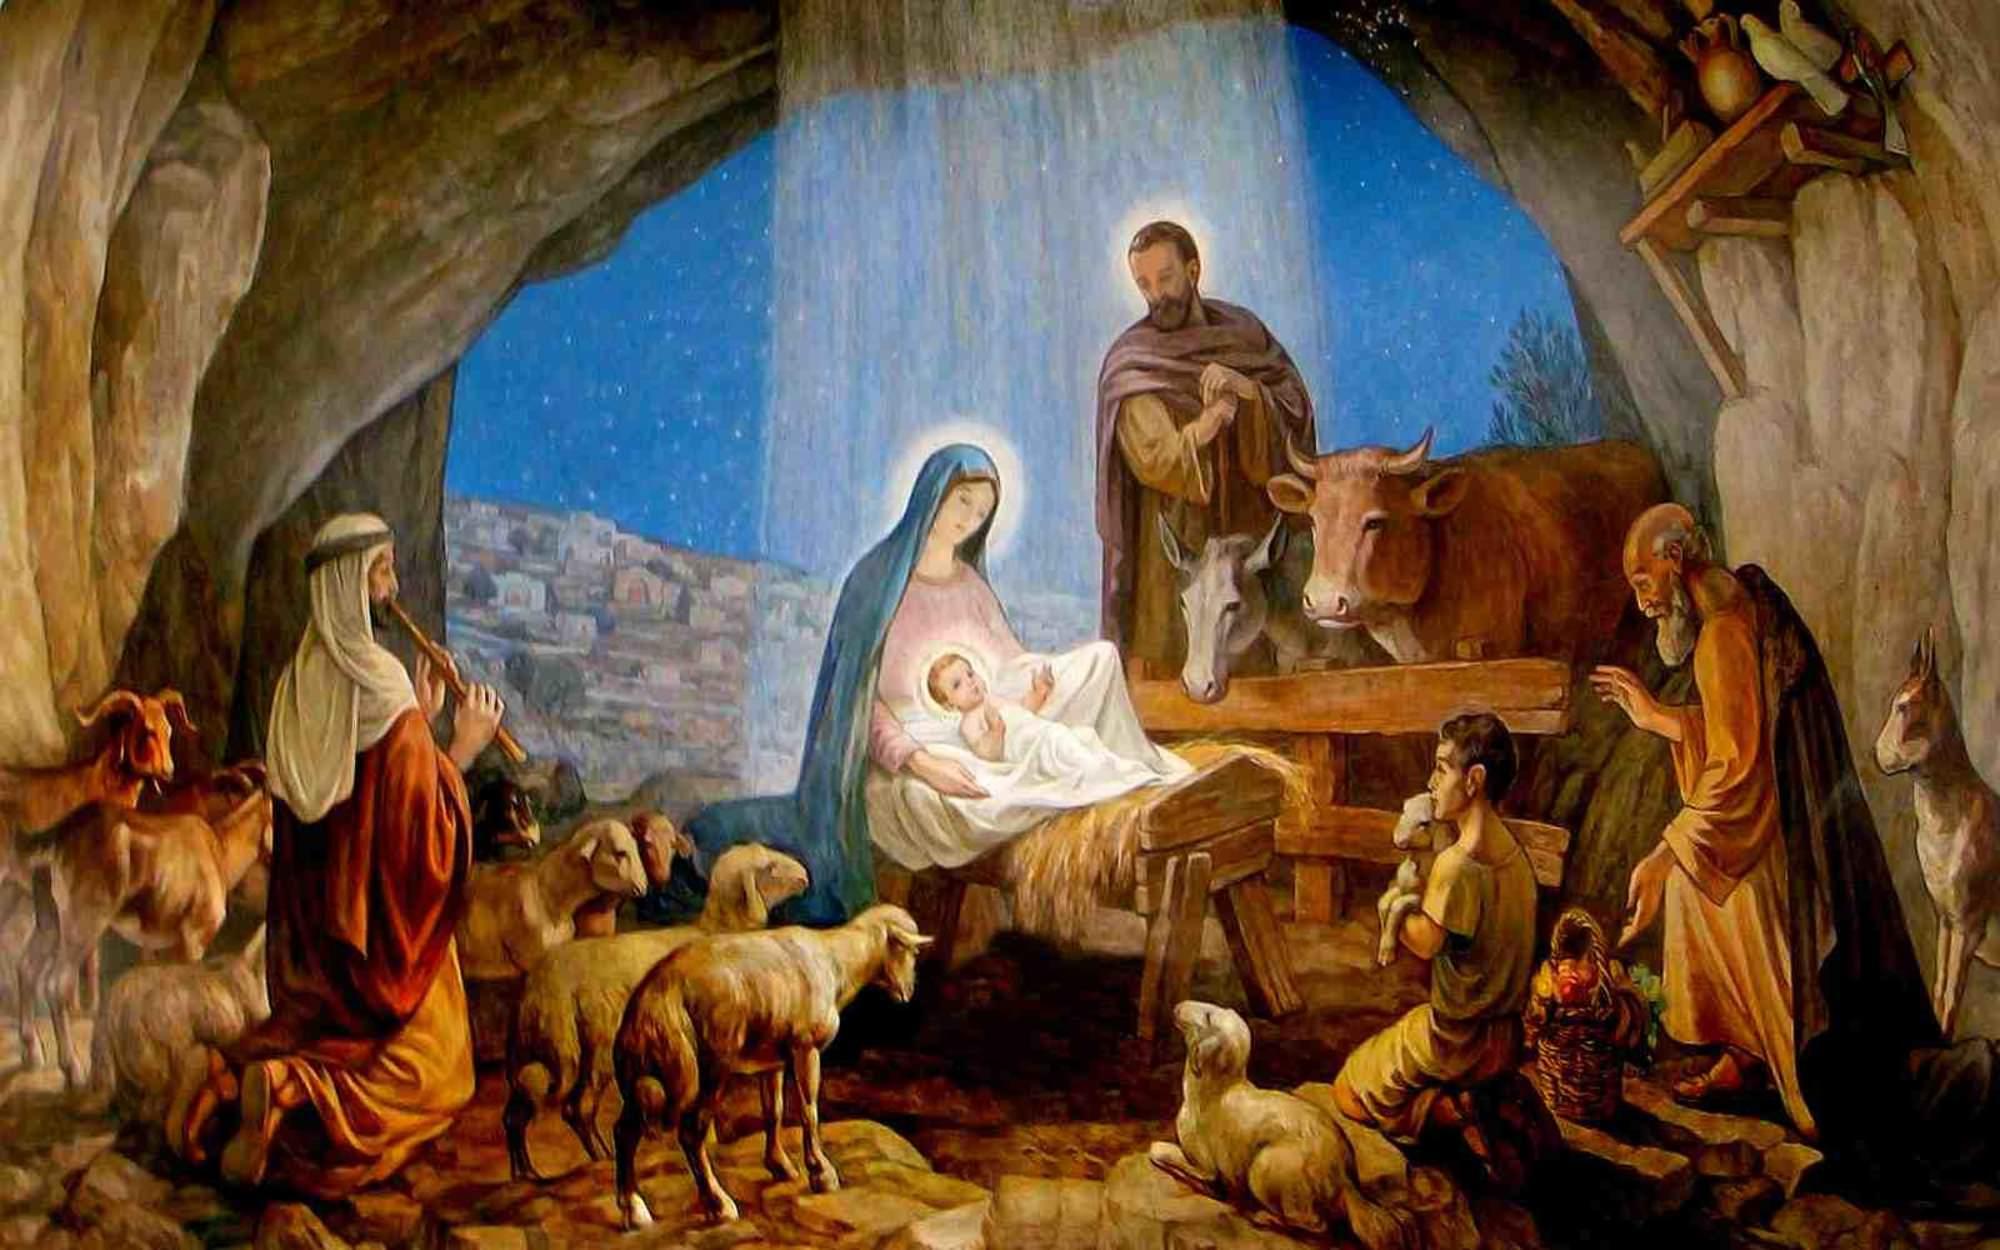 cac nuoc cam khong cho chua giesu hai dong sinh ra 1802 1 - Các nước cấm không cho Chúa Giêsu Hài Đồng sinh ra